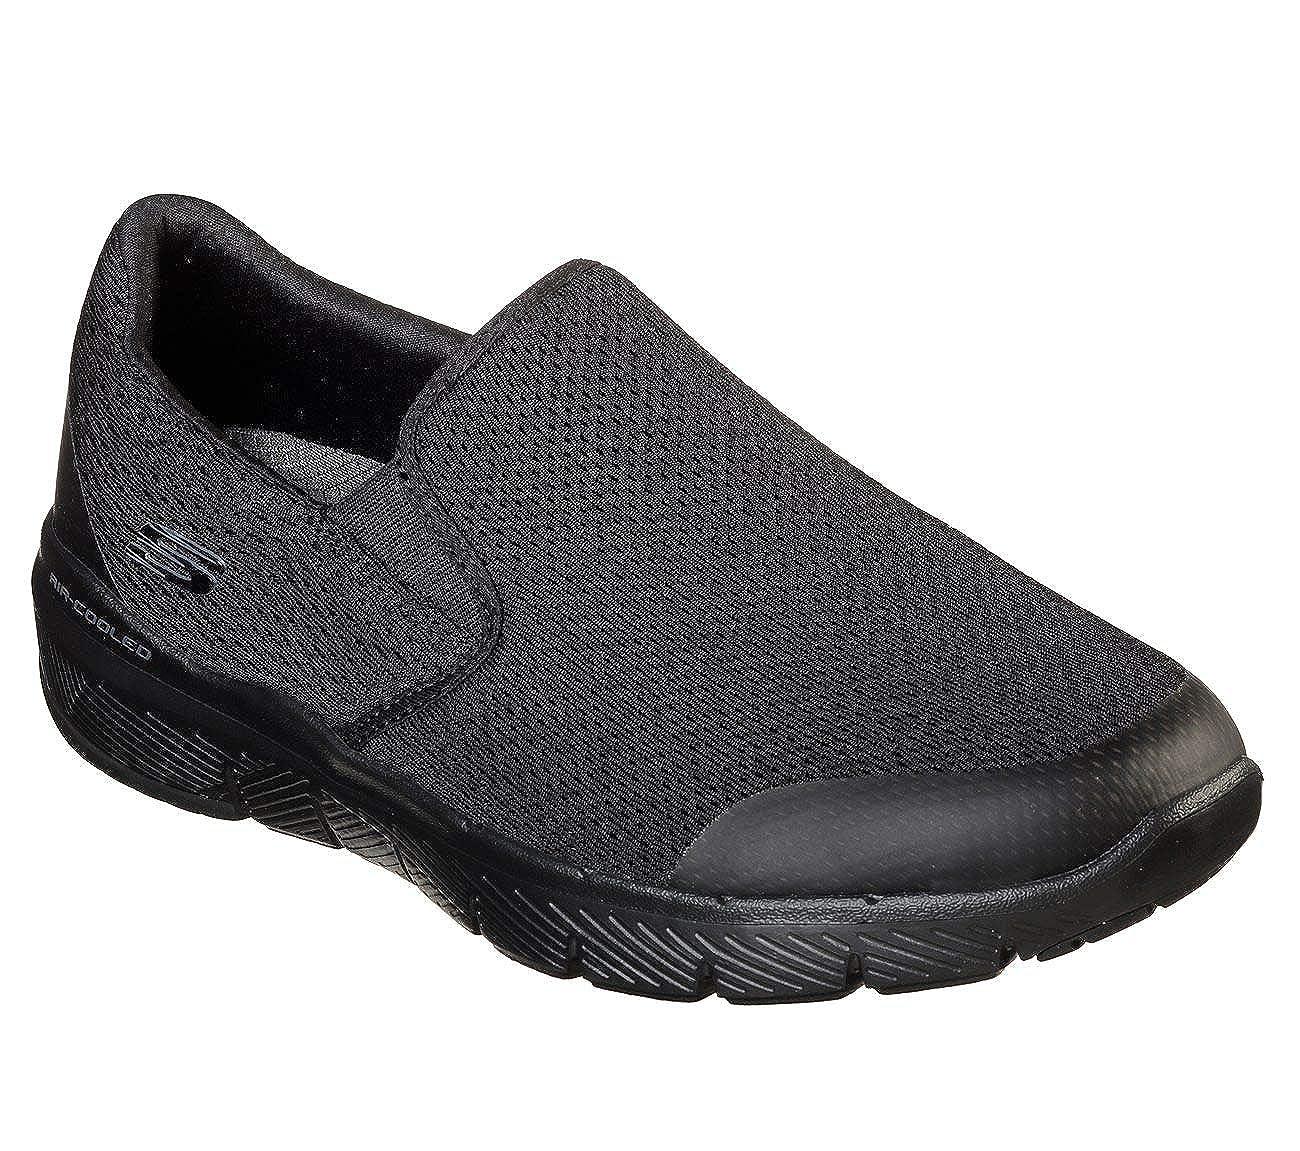 Walking Black,White 9 US M Morwick Skechers Mens Flex Advantage 3.0